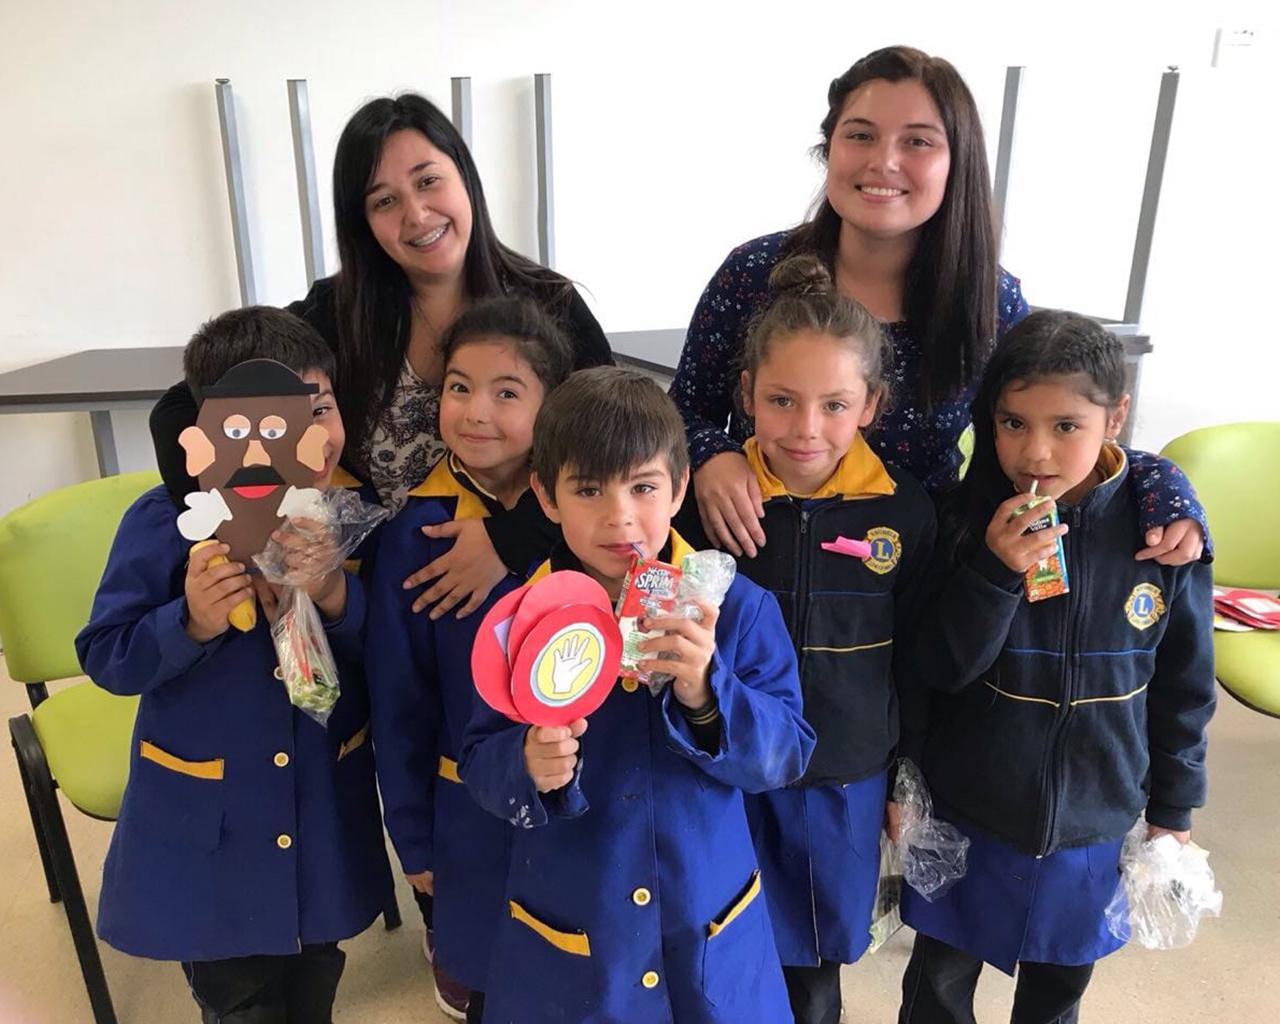 Alumnas de Educación Parvularia enseñan inglés a niños